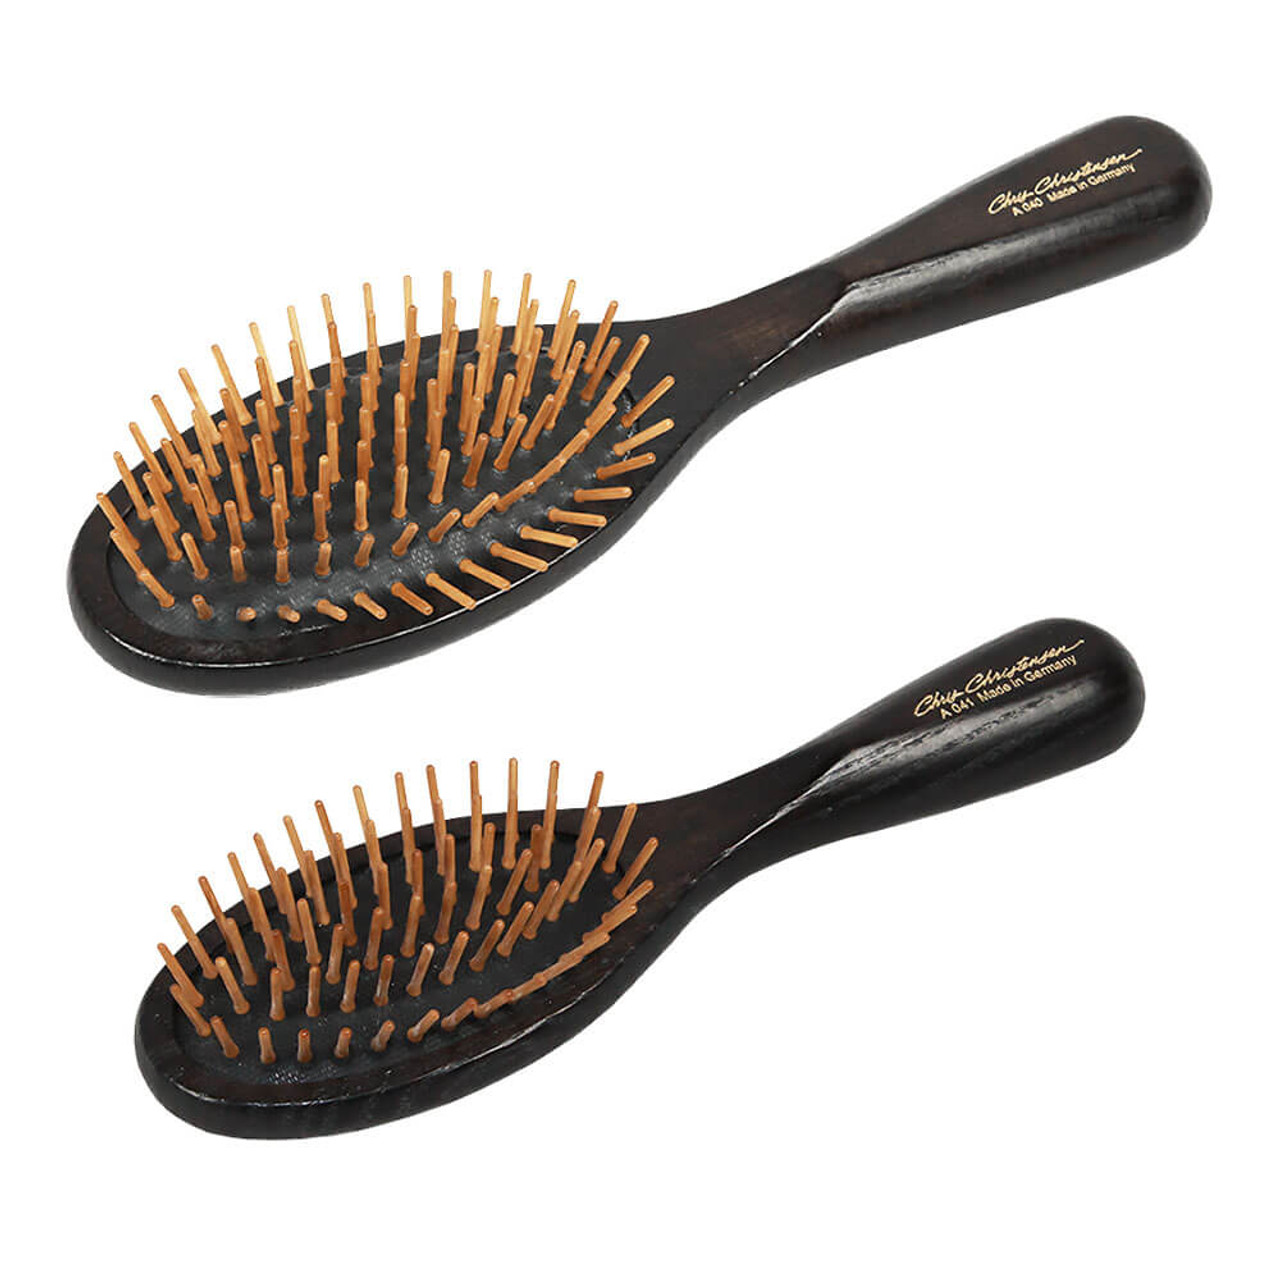 Groom-me Metal Pin Brush